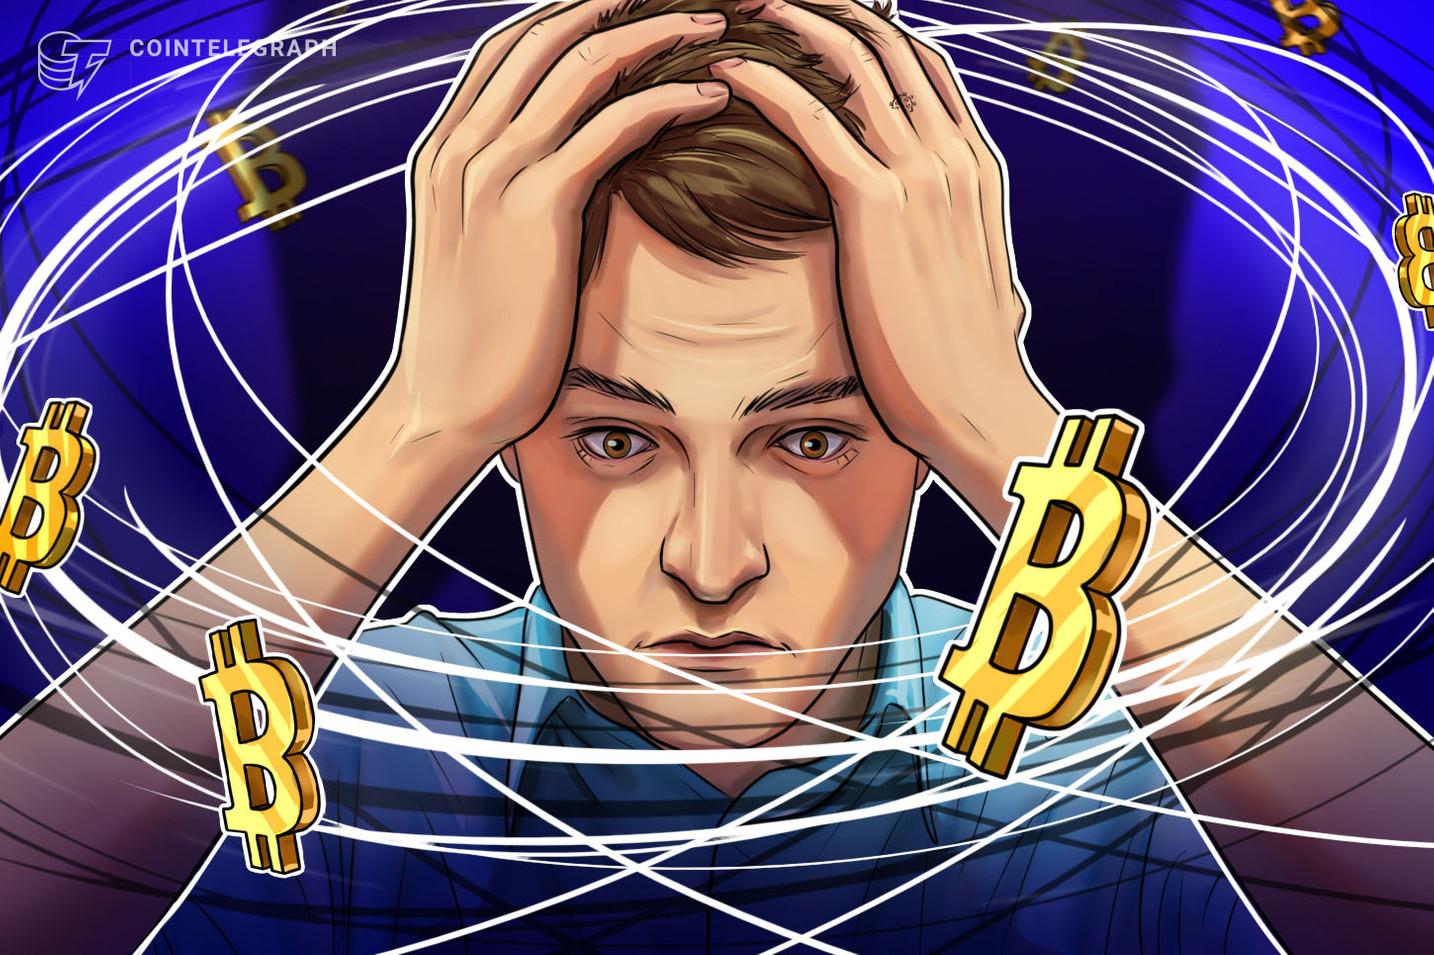 Gli analisti di Goldman non sanno se definire Bitcoin 'una classe di asset investibile'